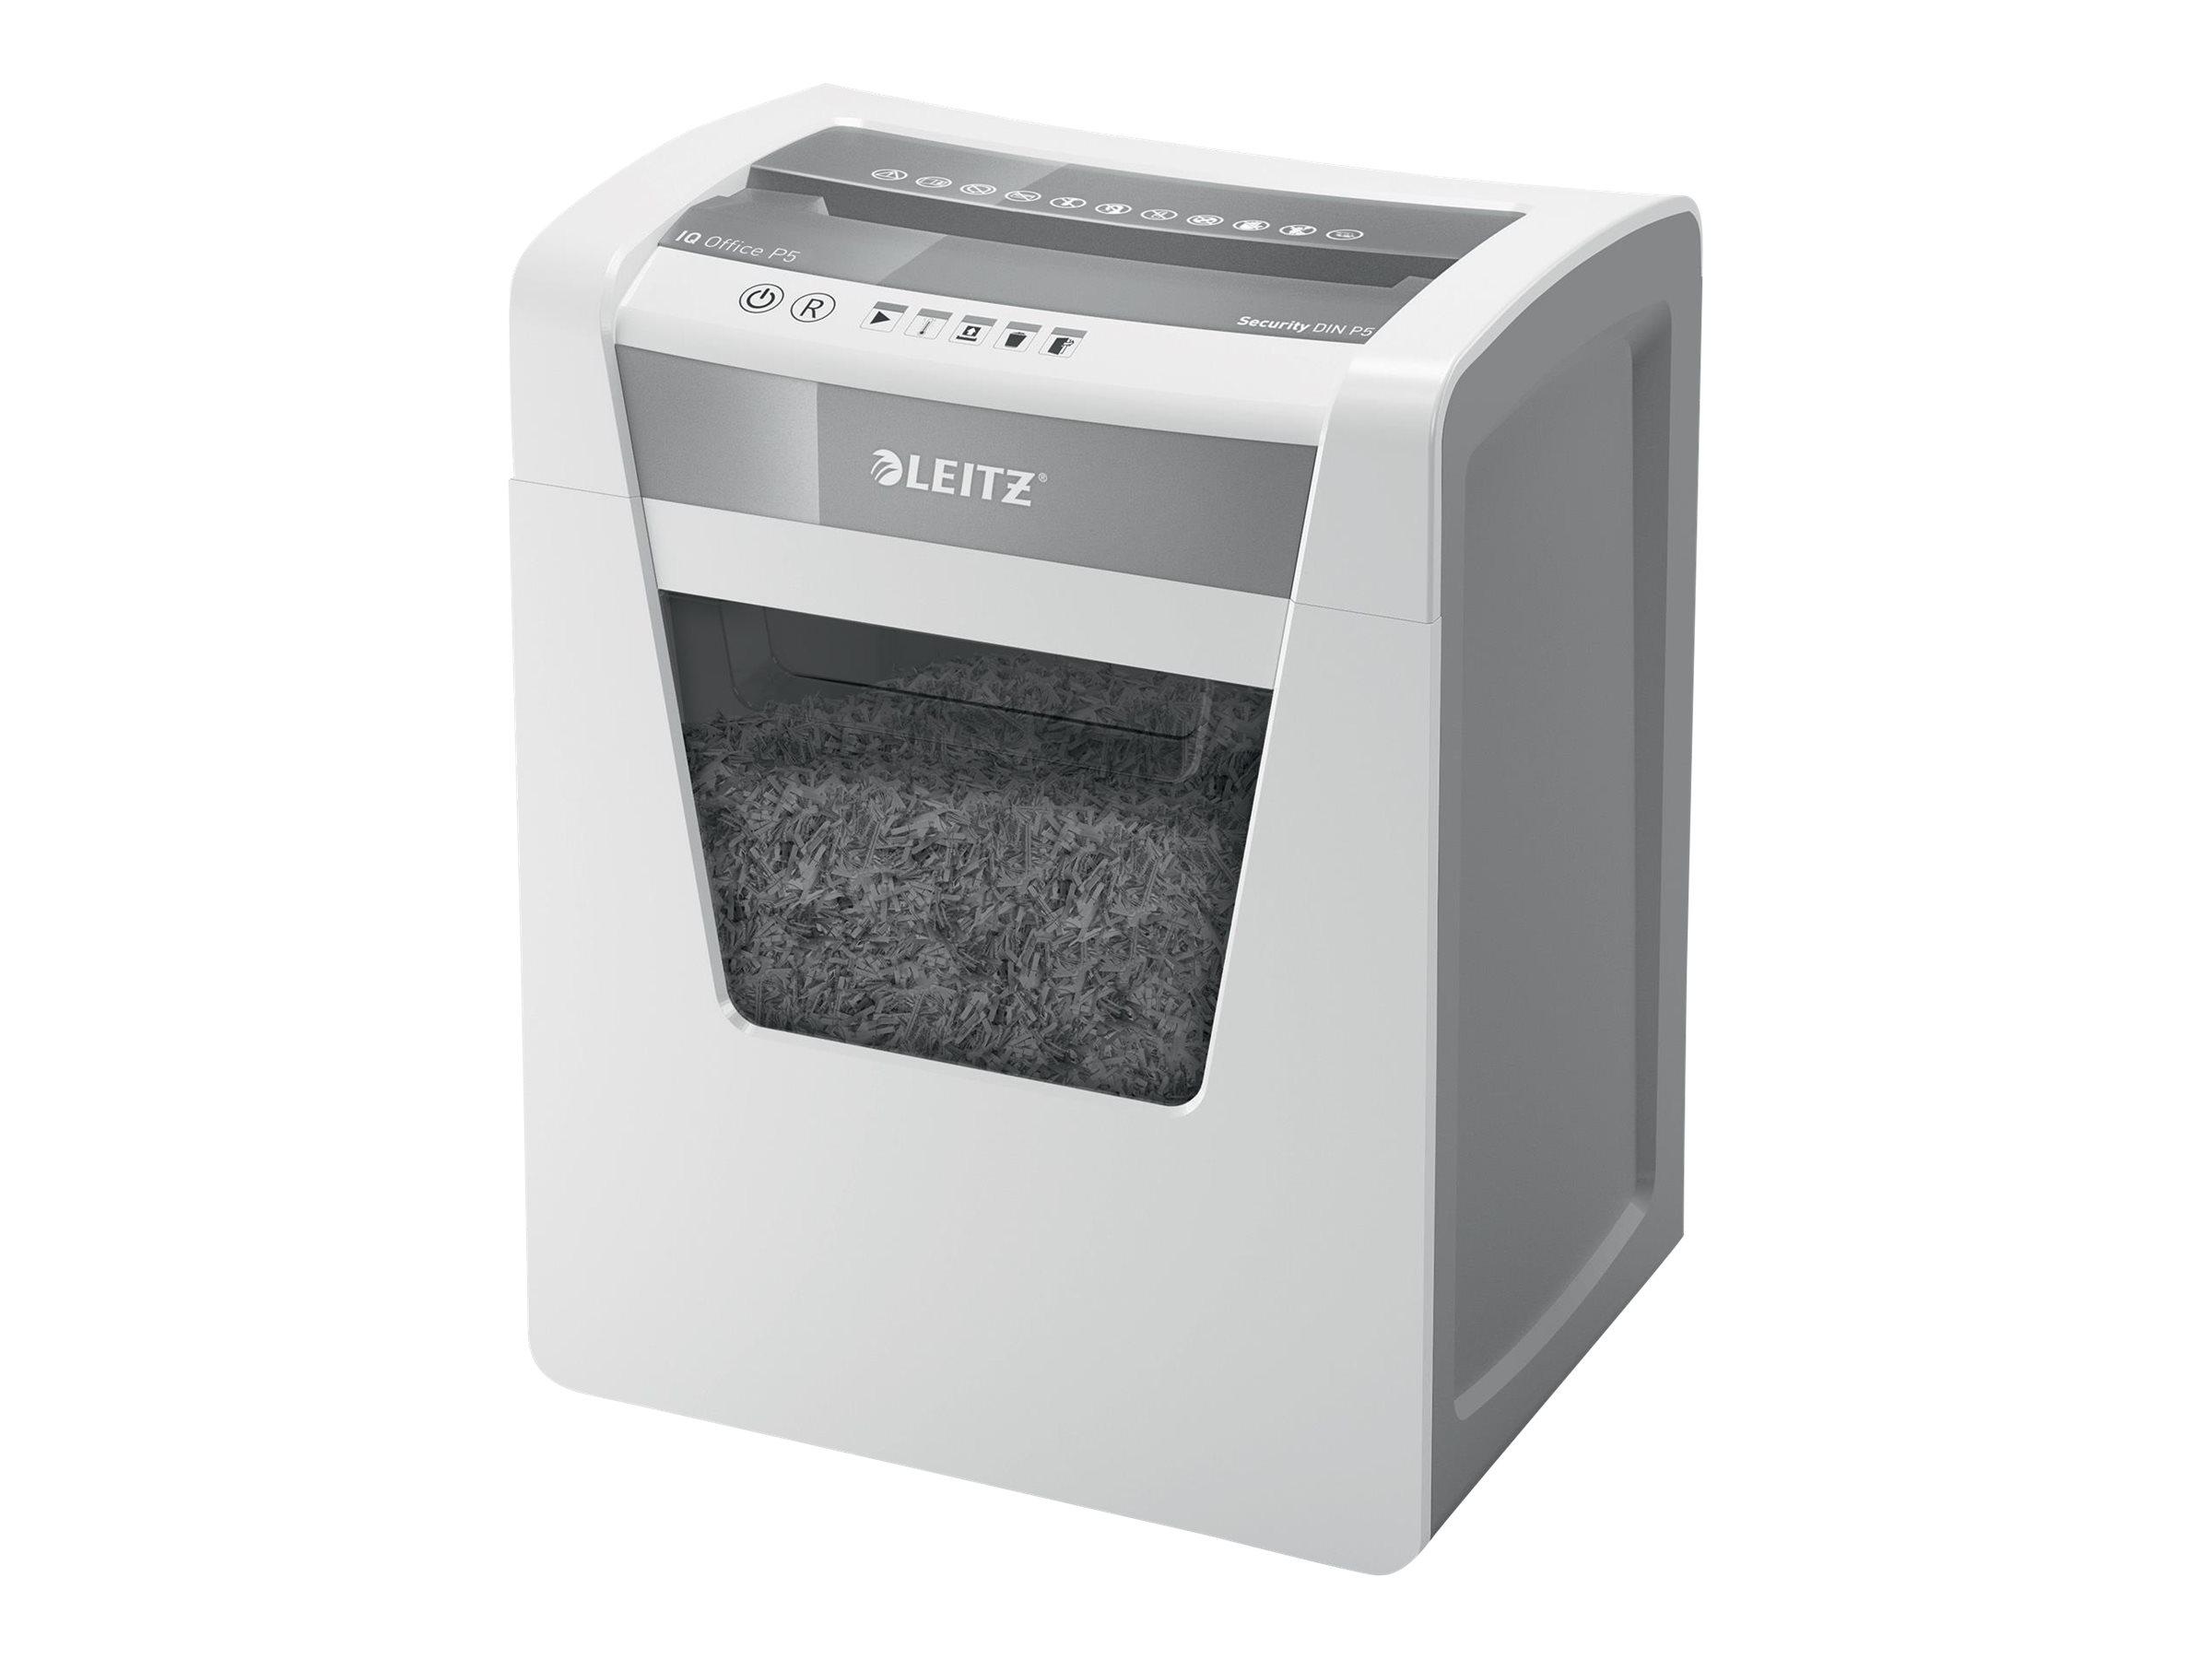 Leitz IQ Office P5 - Vorzerkleinerer - Mikroschnitt - 2 x 15 mm - P-5